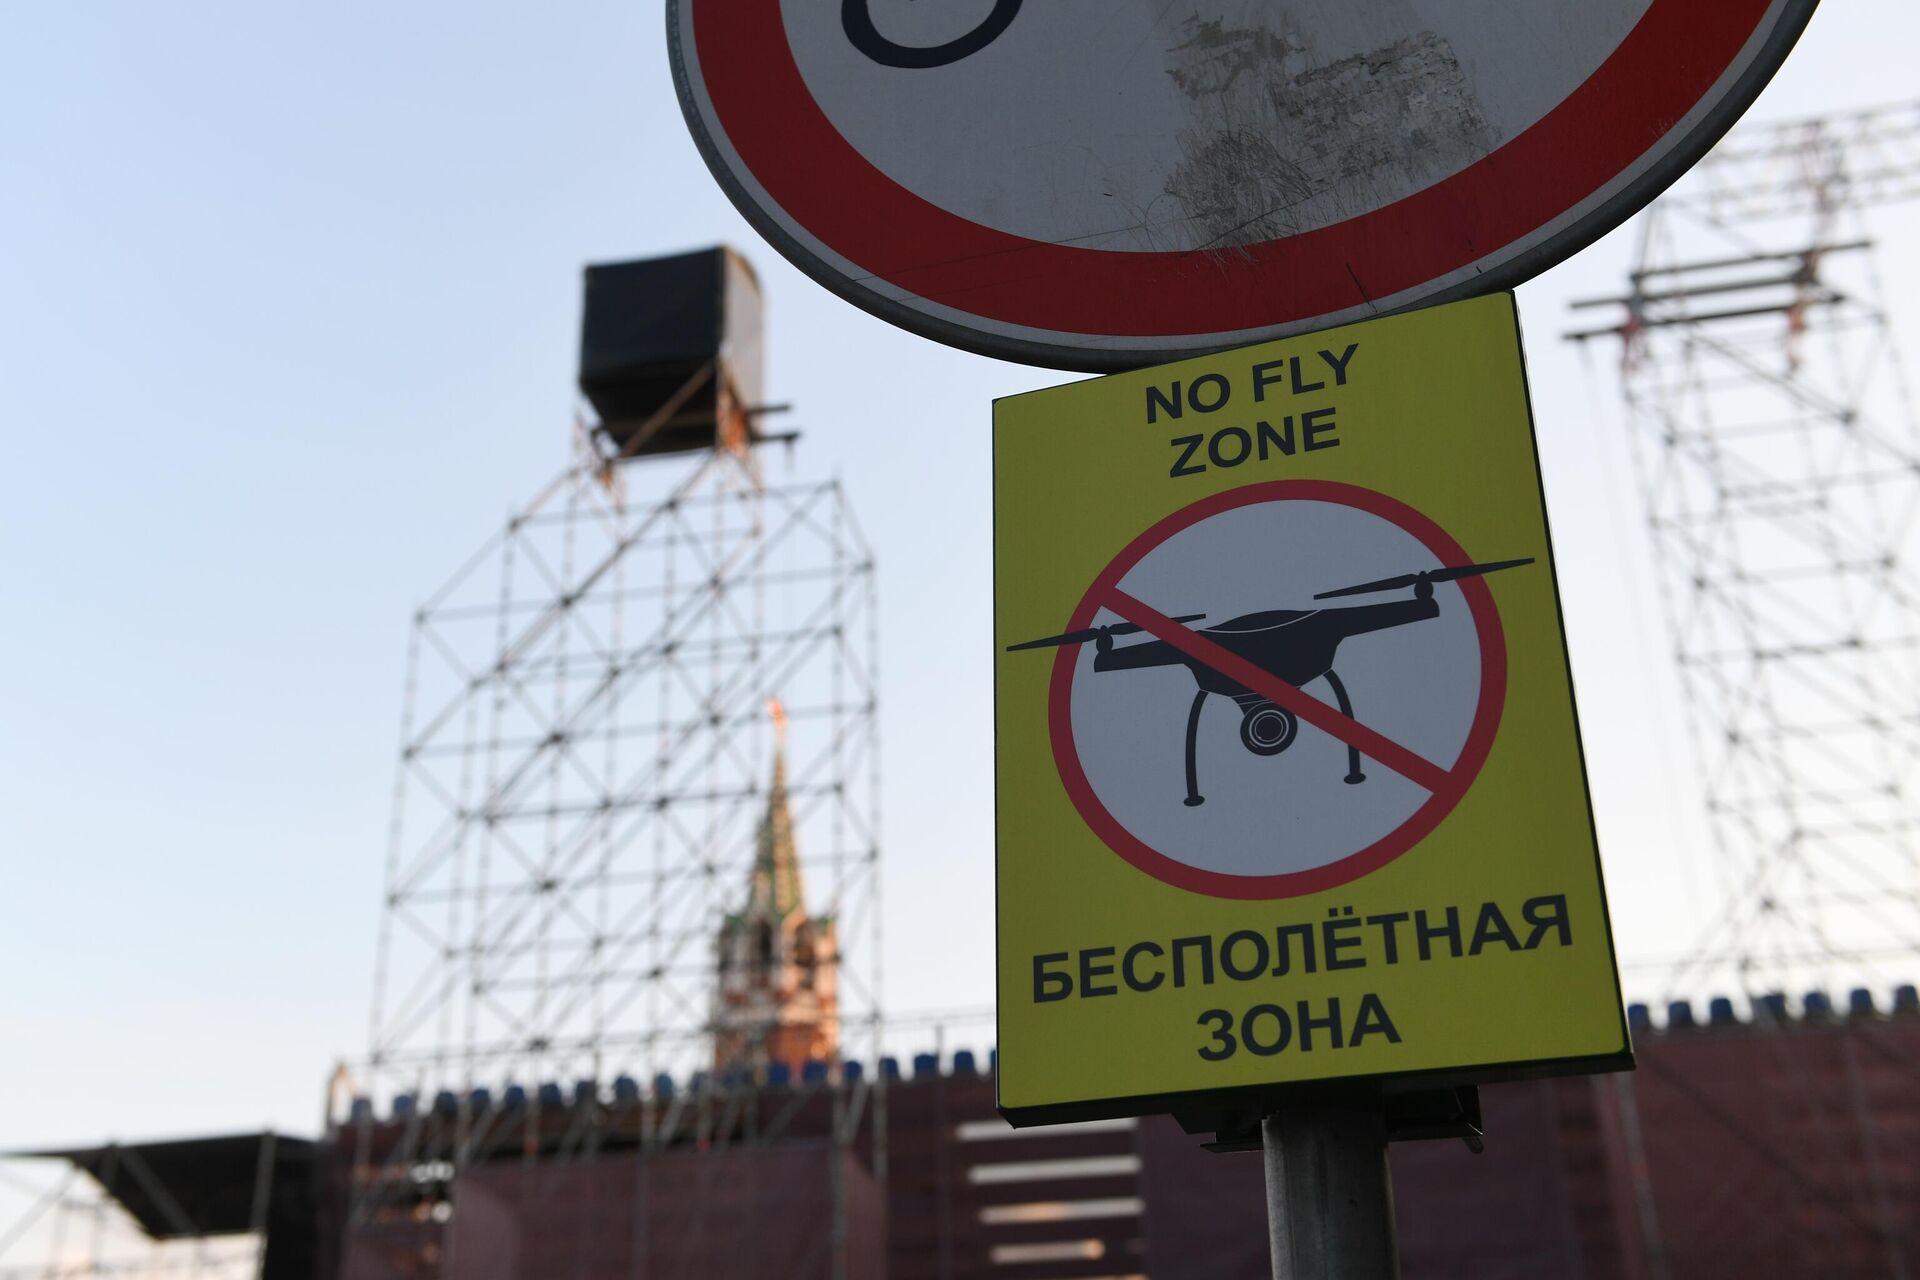 Знаки Бесполетная зона установили в центре Москвы - РИА Новости, 1920, 07.04.2021